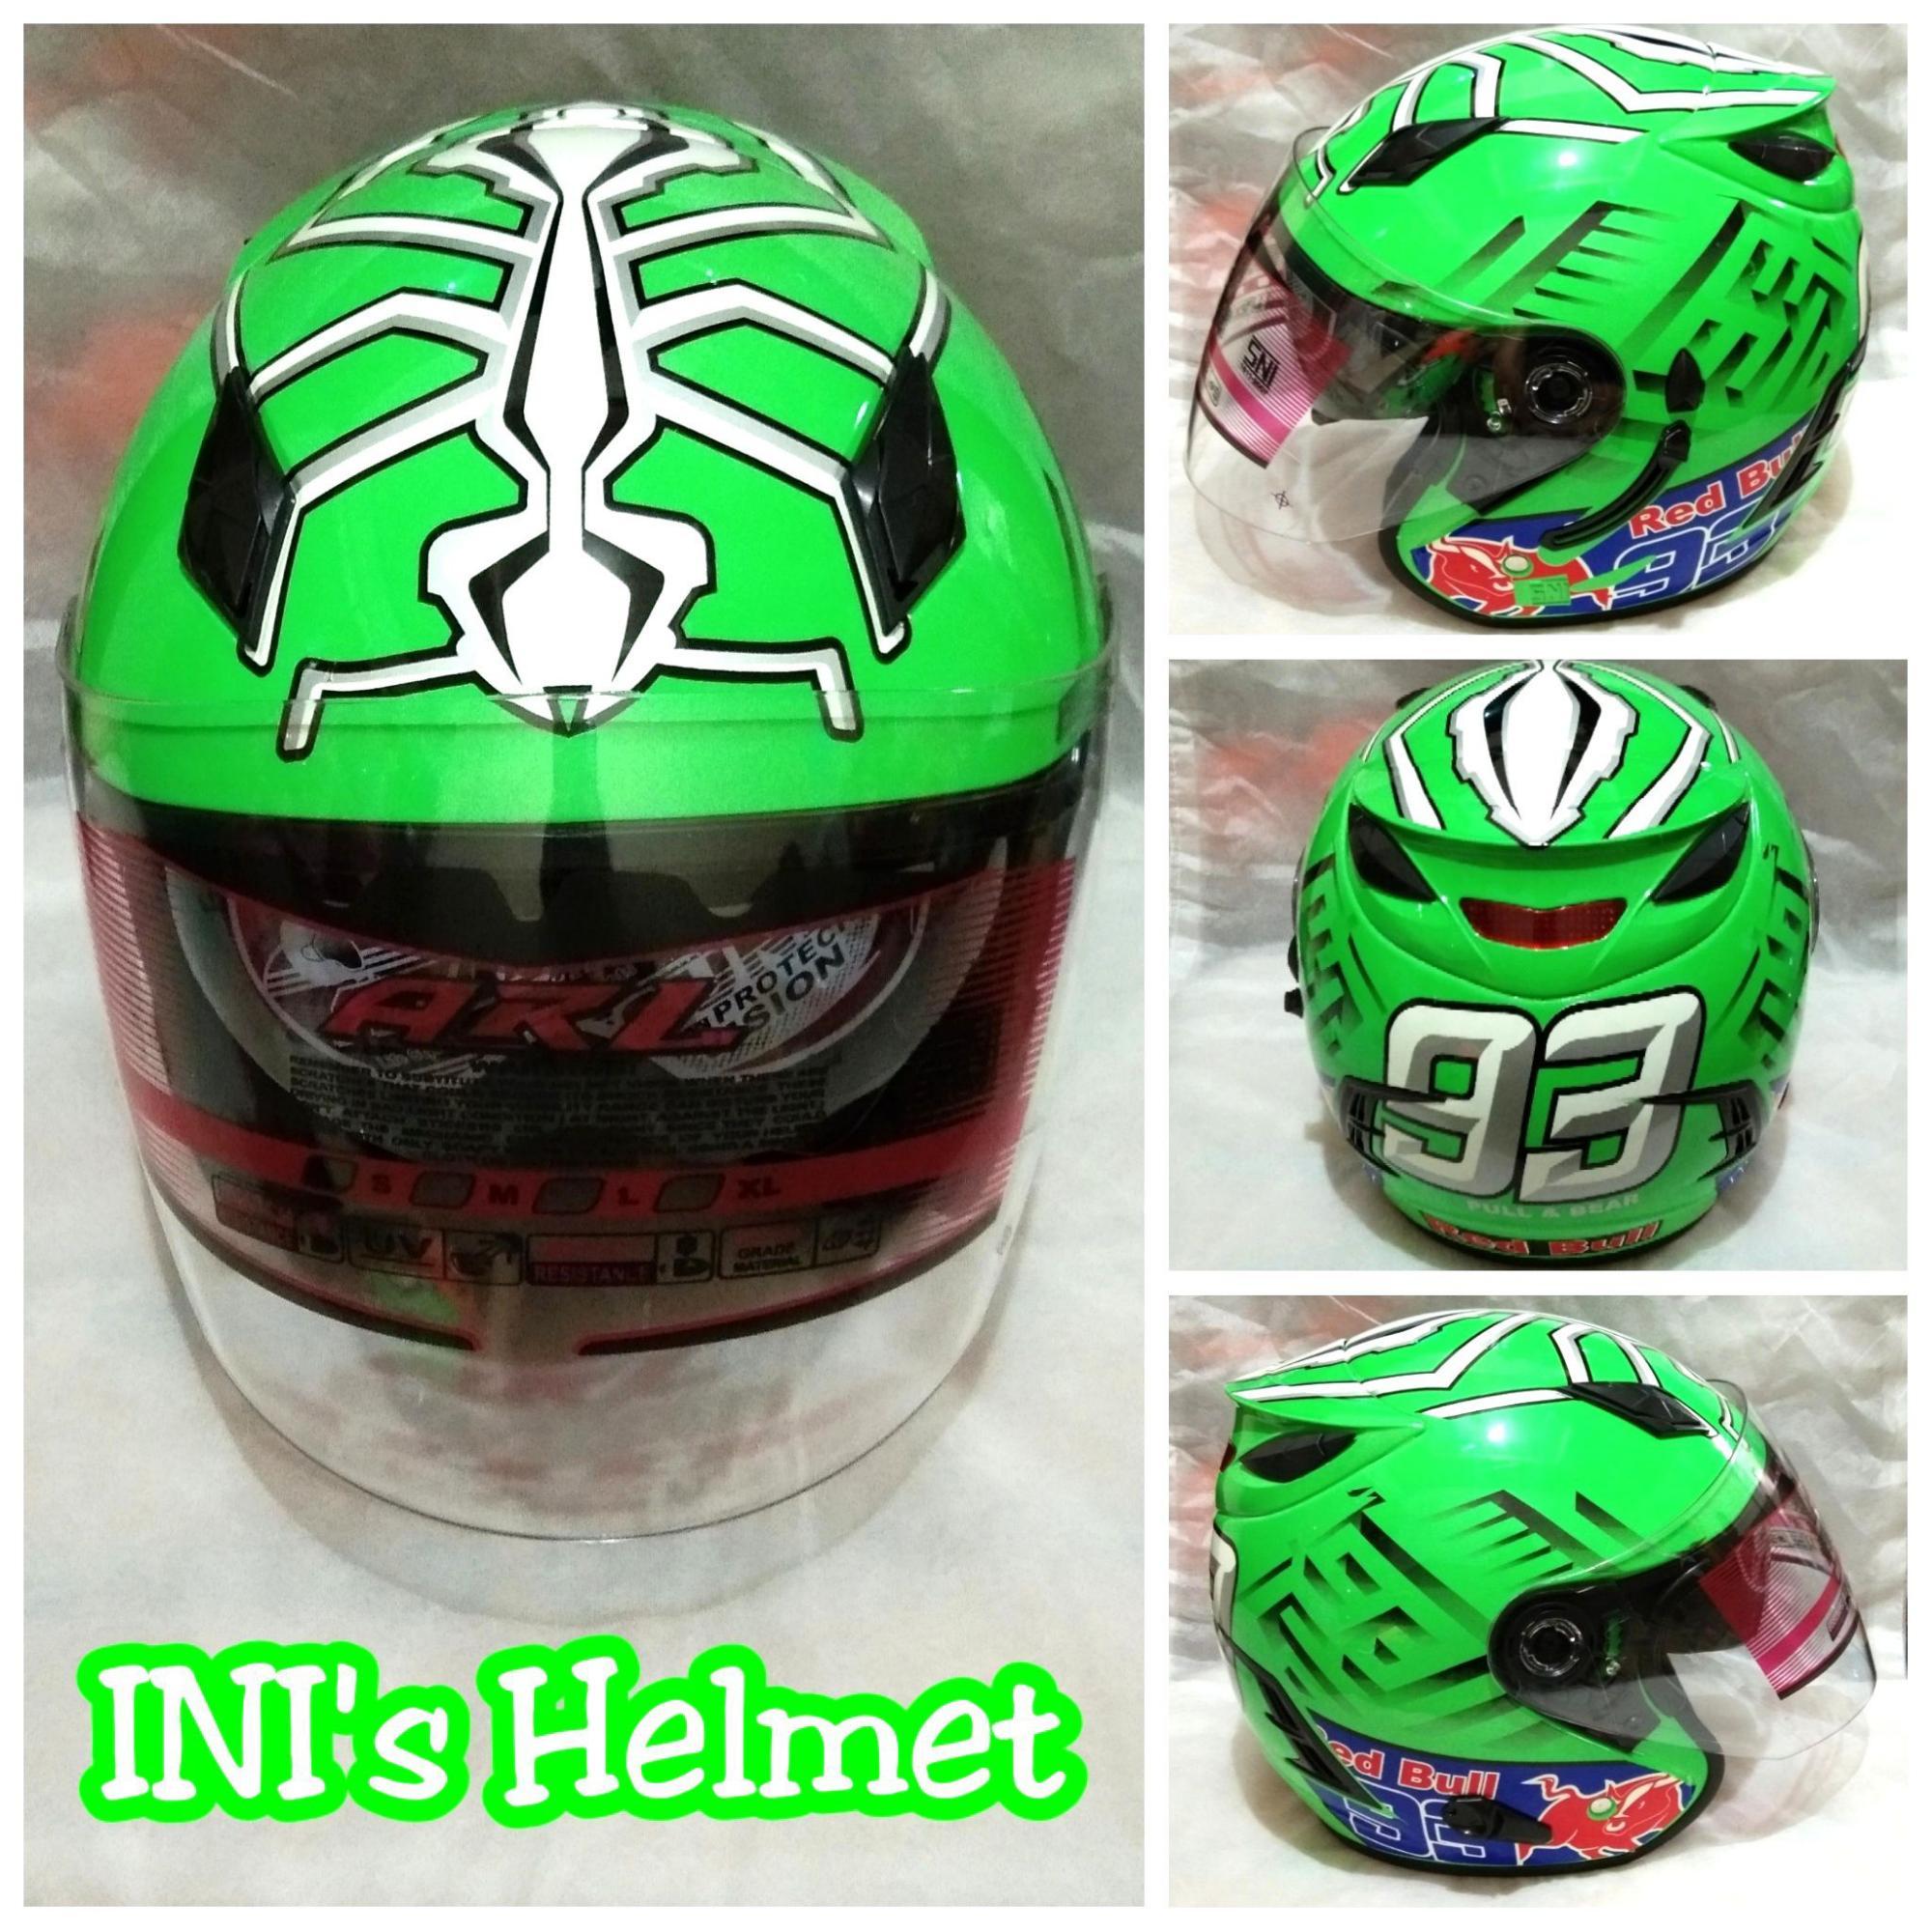 Helm Double Visor (2 Kaca) ARL Motif Hijau Monster - Helm SNI